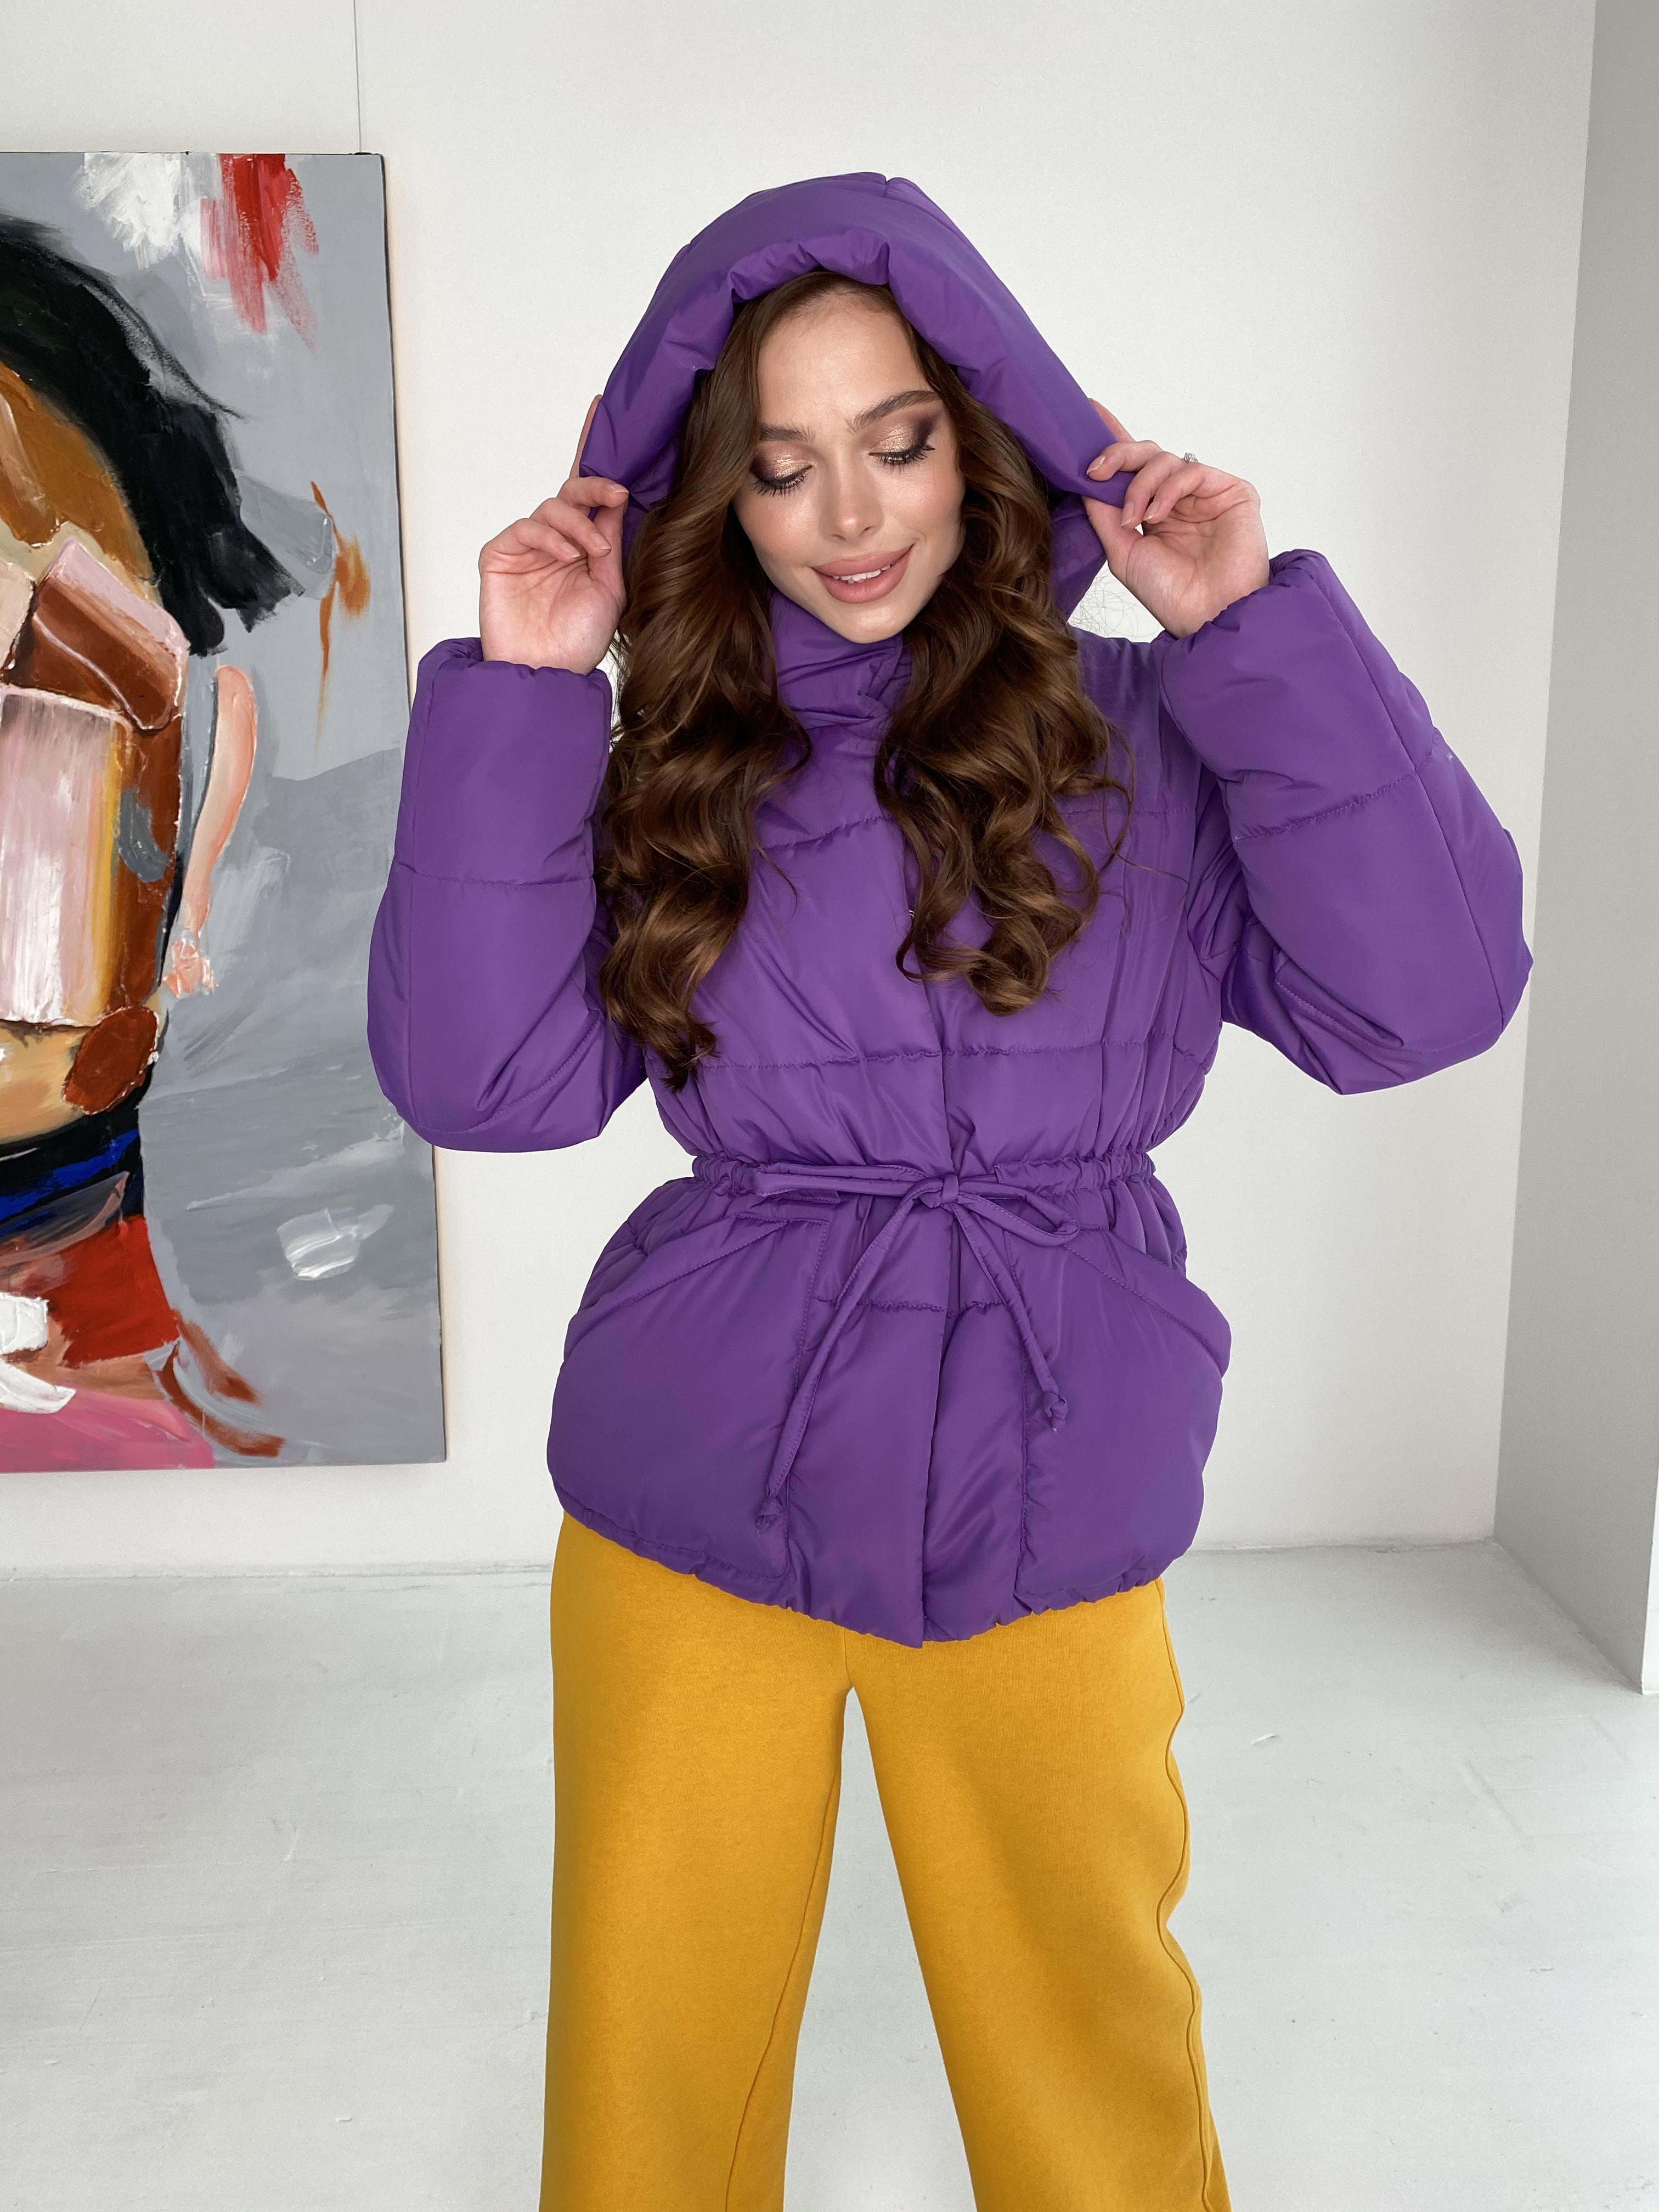 Пино куртка из плащевой ткани 10489 АРТ. 46804 Цвет: Сиреневый - фото 4, интернет магазин tm-modus.ru